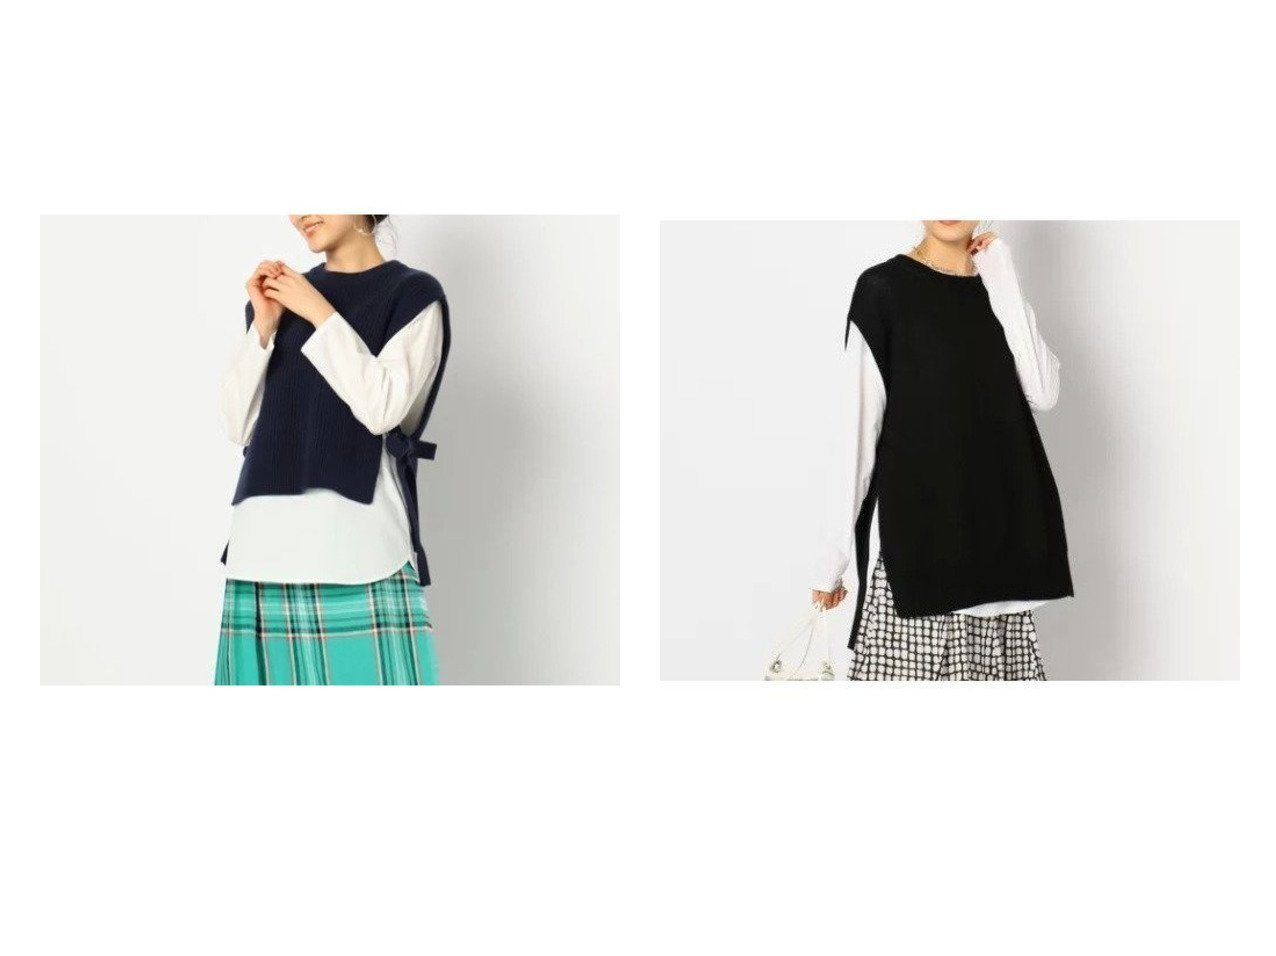 【NOLLEY'S/ノーリーズ】のギマコットン天竺ロングベスト&シャツ付きベスト トップス・カットソーのおすすめ!人気、トレンド・レディースファッションの通販 おすすめで人気の流行・トレンド、ファッションの通販商品 メンズファッション・キッズファッション・インテリア・家具・レディースファッション・服の通販 founy(ファニー) https://founy.com/ ファッション Fashion レディースファッション WOMEN アウター Coat Outerwear トップス Tops Tshirt シャツ/ブラウス Shirts Blouses ベスト/ジレ Gilets Vests インナー ベスト ワイド 畦 スリット ロング |ID:crp329100000011171